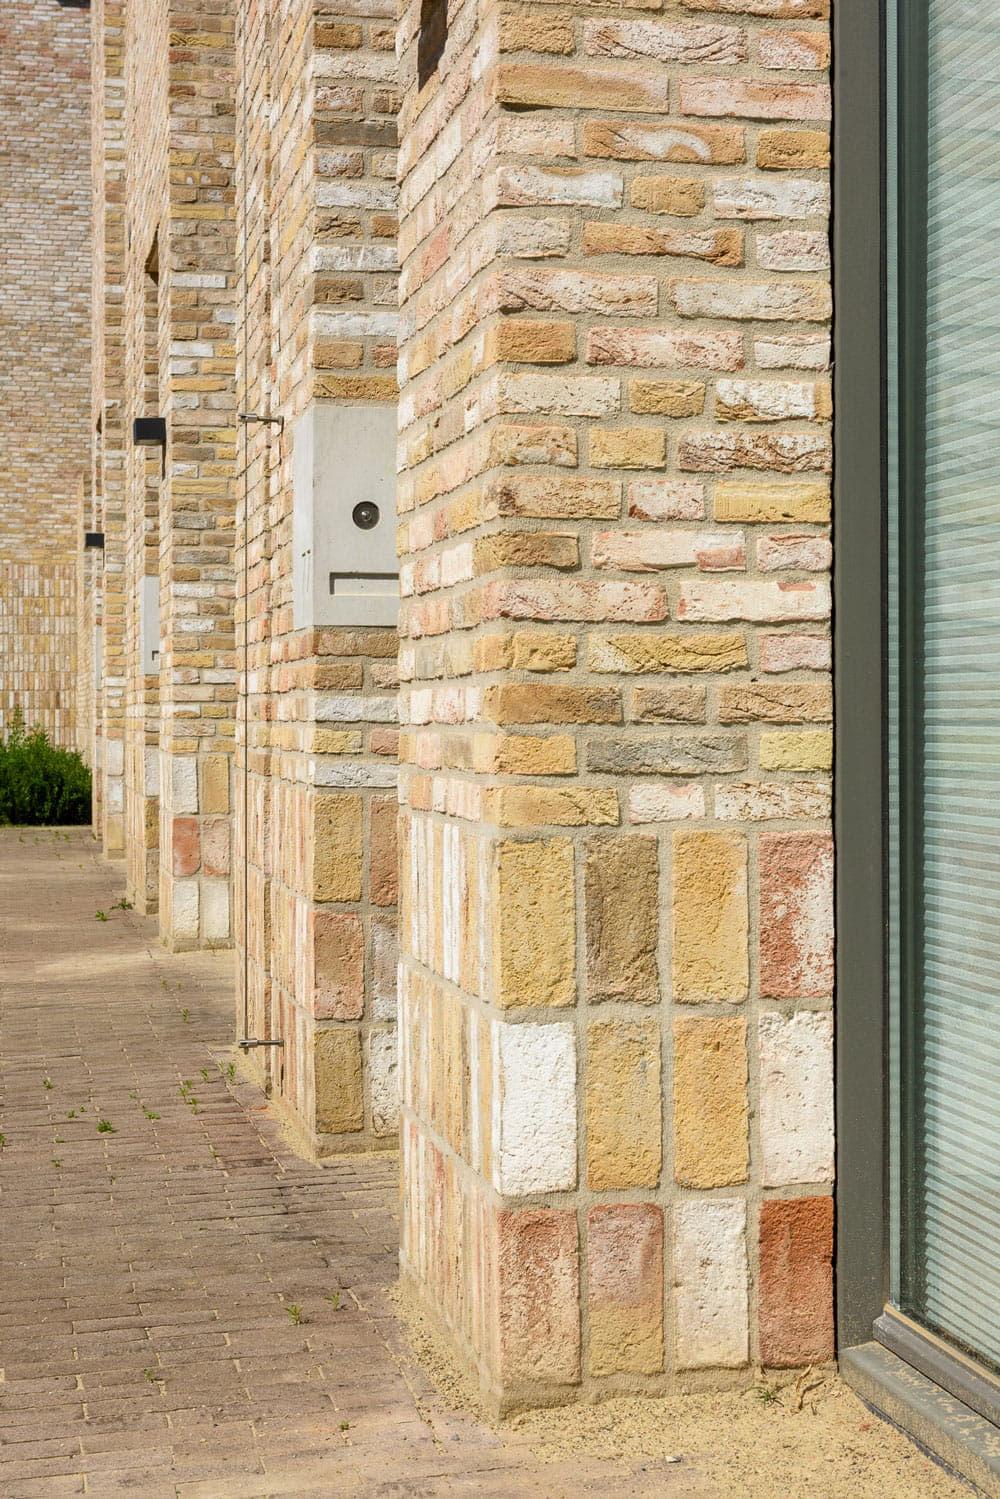 Strijp R pilaren met lichtgele steen met staand metselwerk en licht metselwerk aan de straat